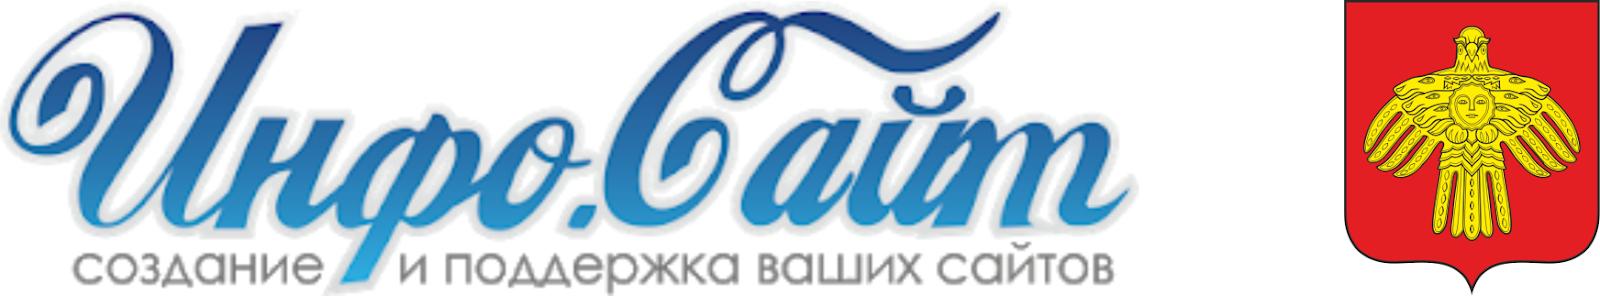 Коми 🌍 Инфо-Сайт : Новости и объявления Республики Коми